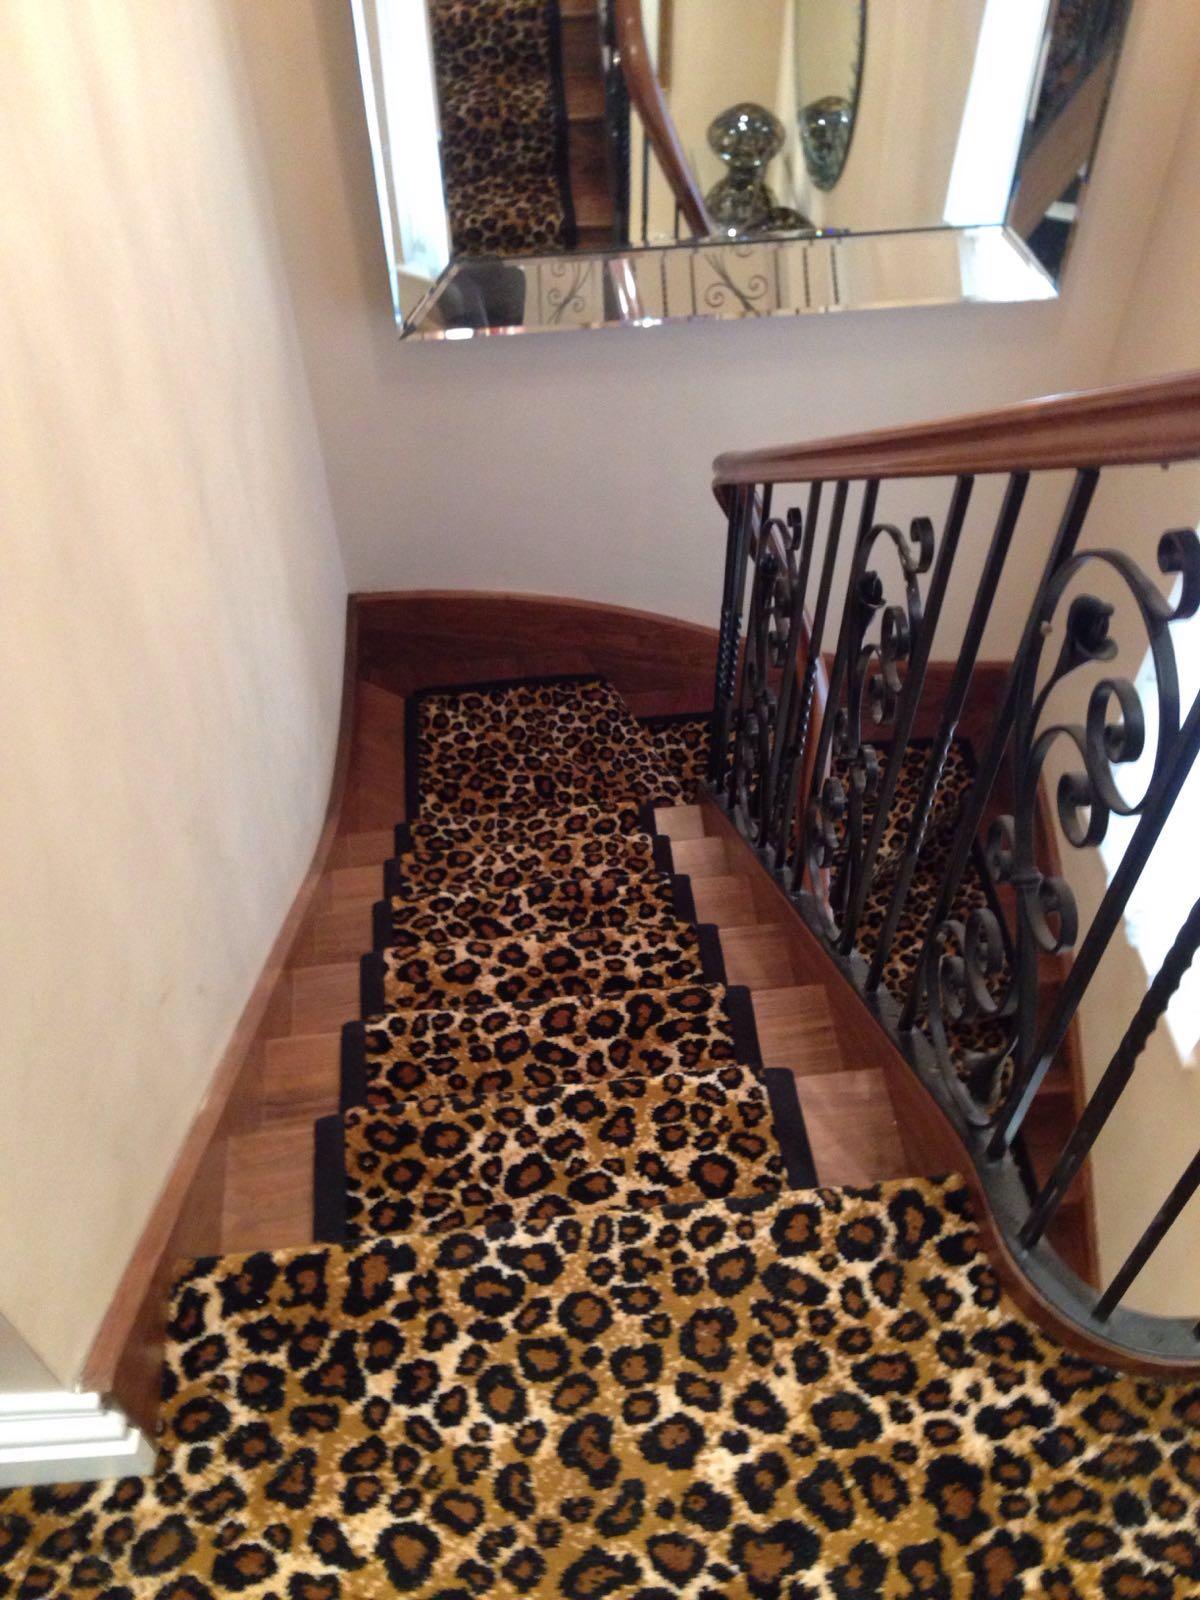 Zoo 2 Leopard